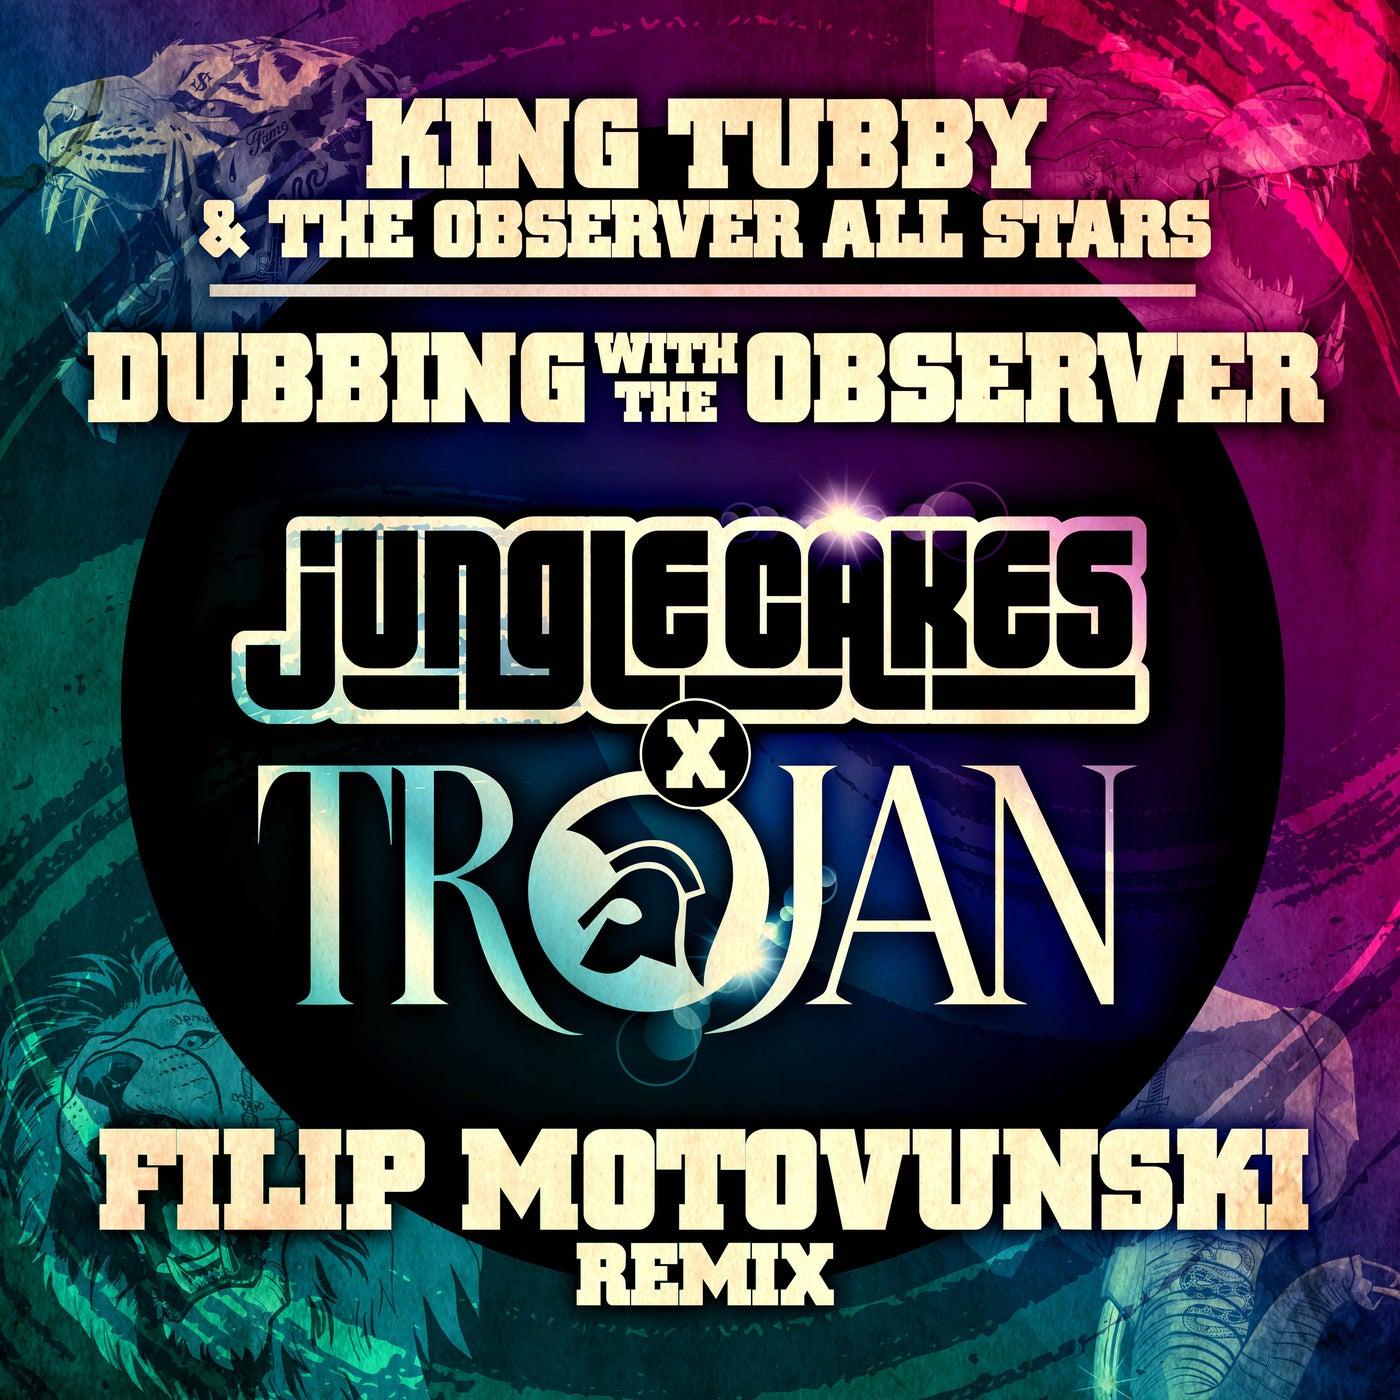 Dubbing with the Observer (Filip Motovunski Remix)